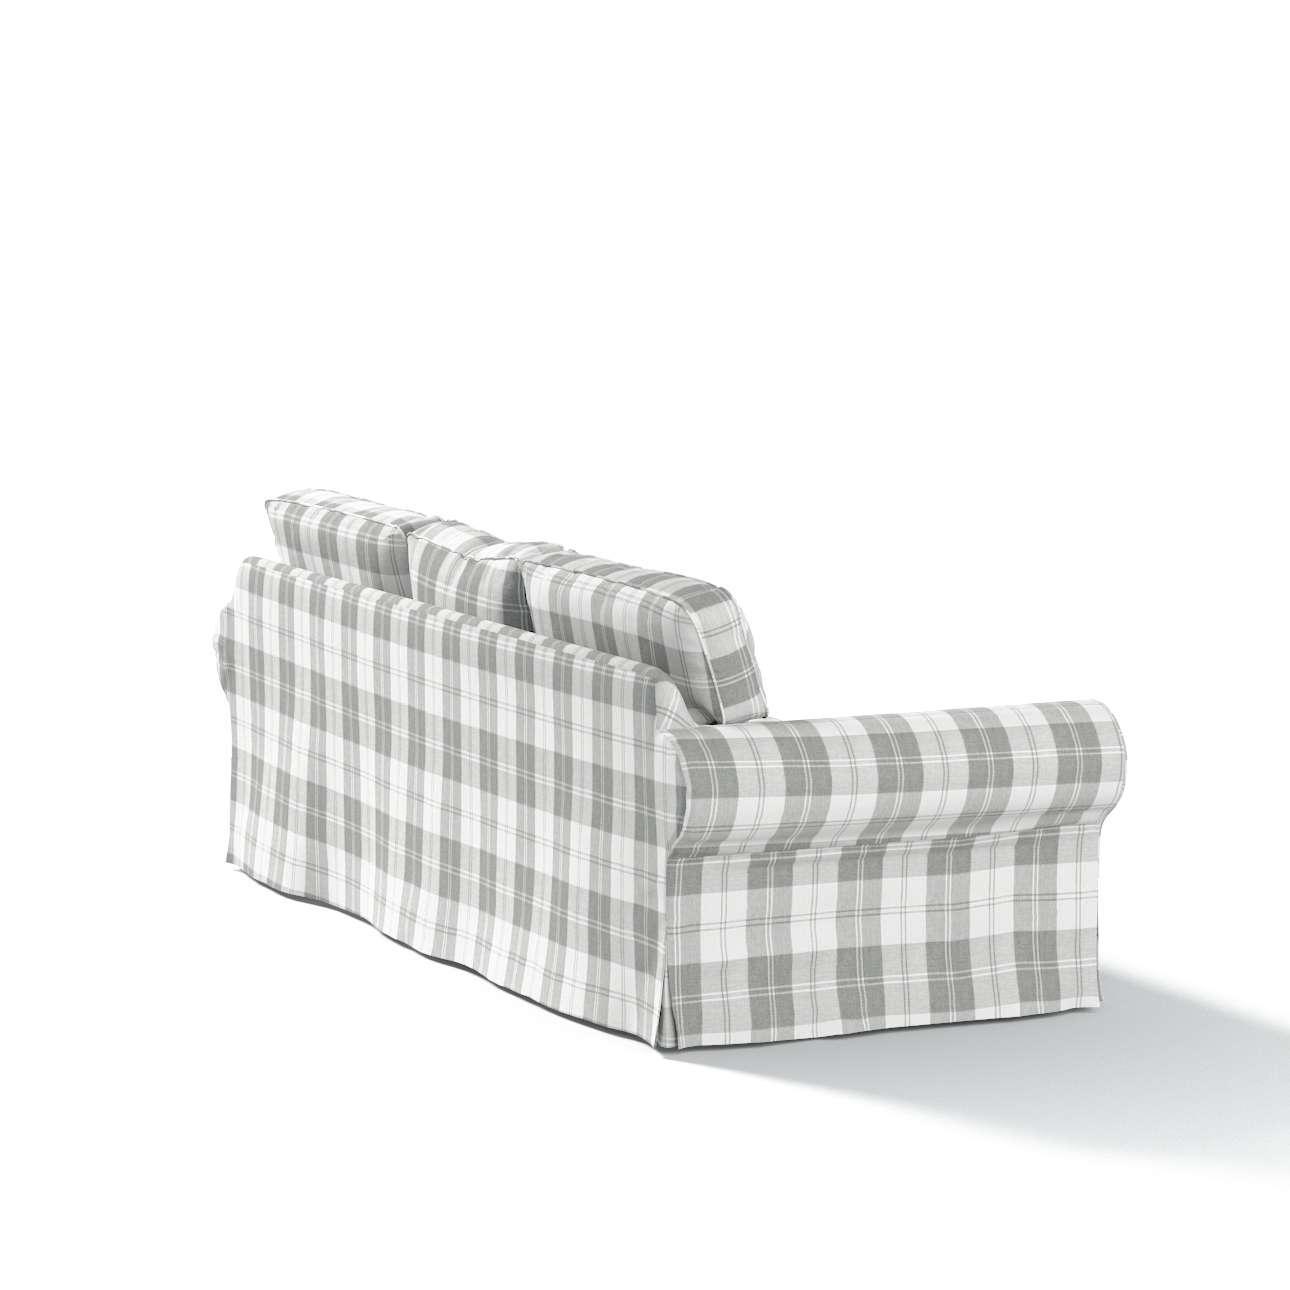 Pokrowiec na sofę Ektorp 3-osobową, nierozkładaną w kolekcji Edinburgh, tkanina: 115-79